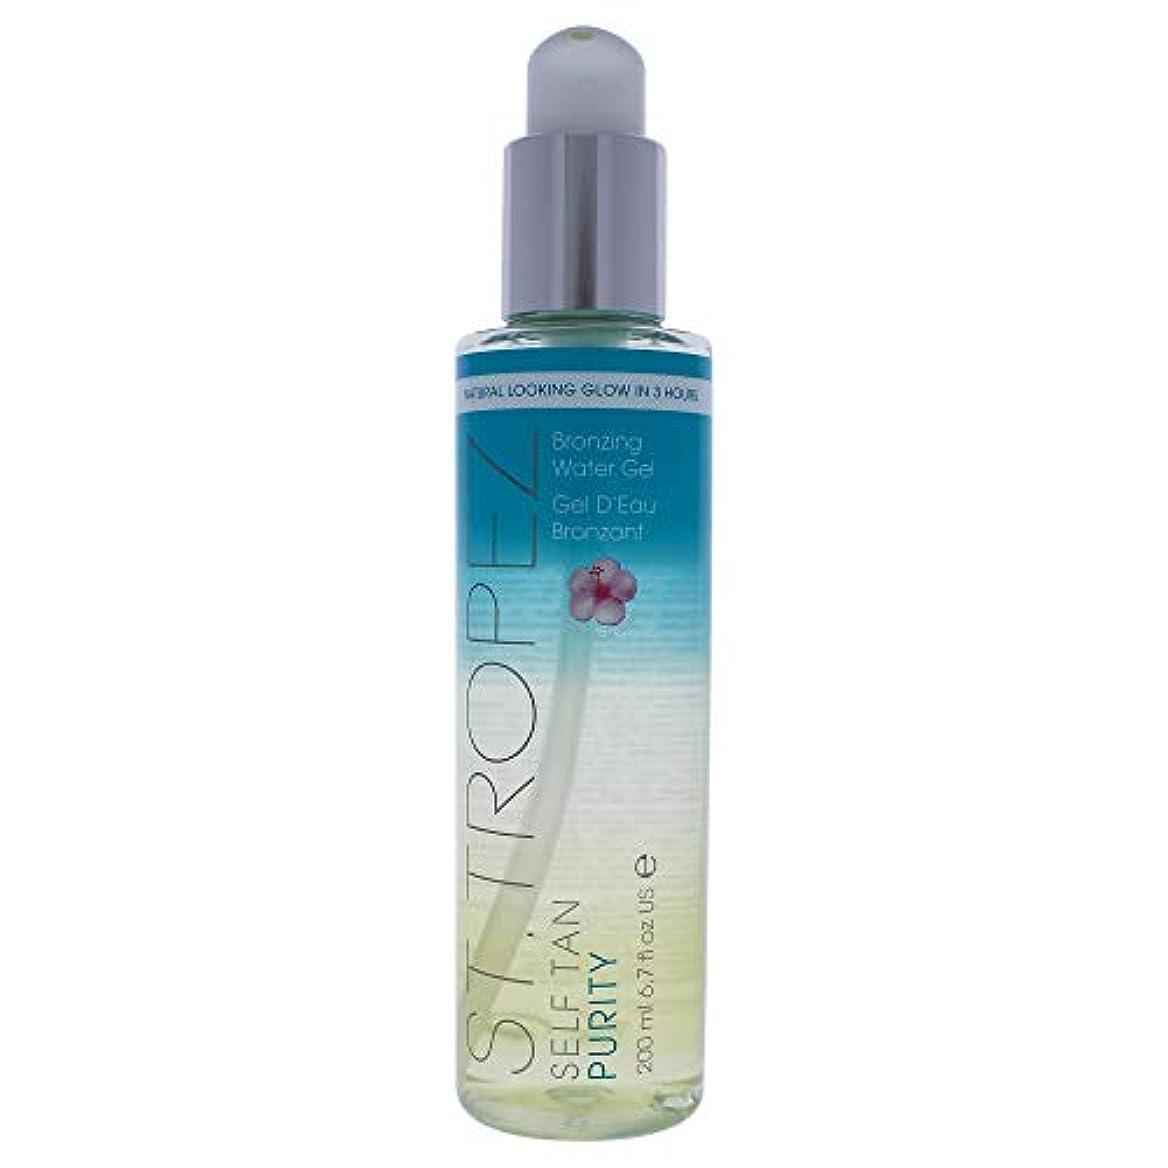 丁寧を通して性格St. Tropez Self Tan Purity Bronzing Water Gel with Tropical Scent 6.7oz (200ml)